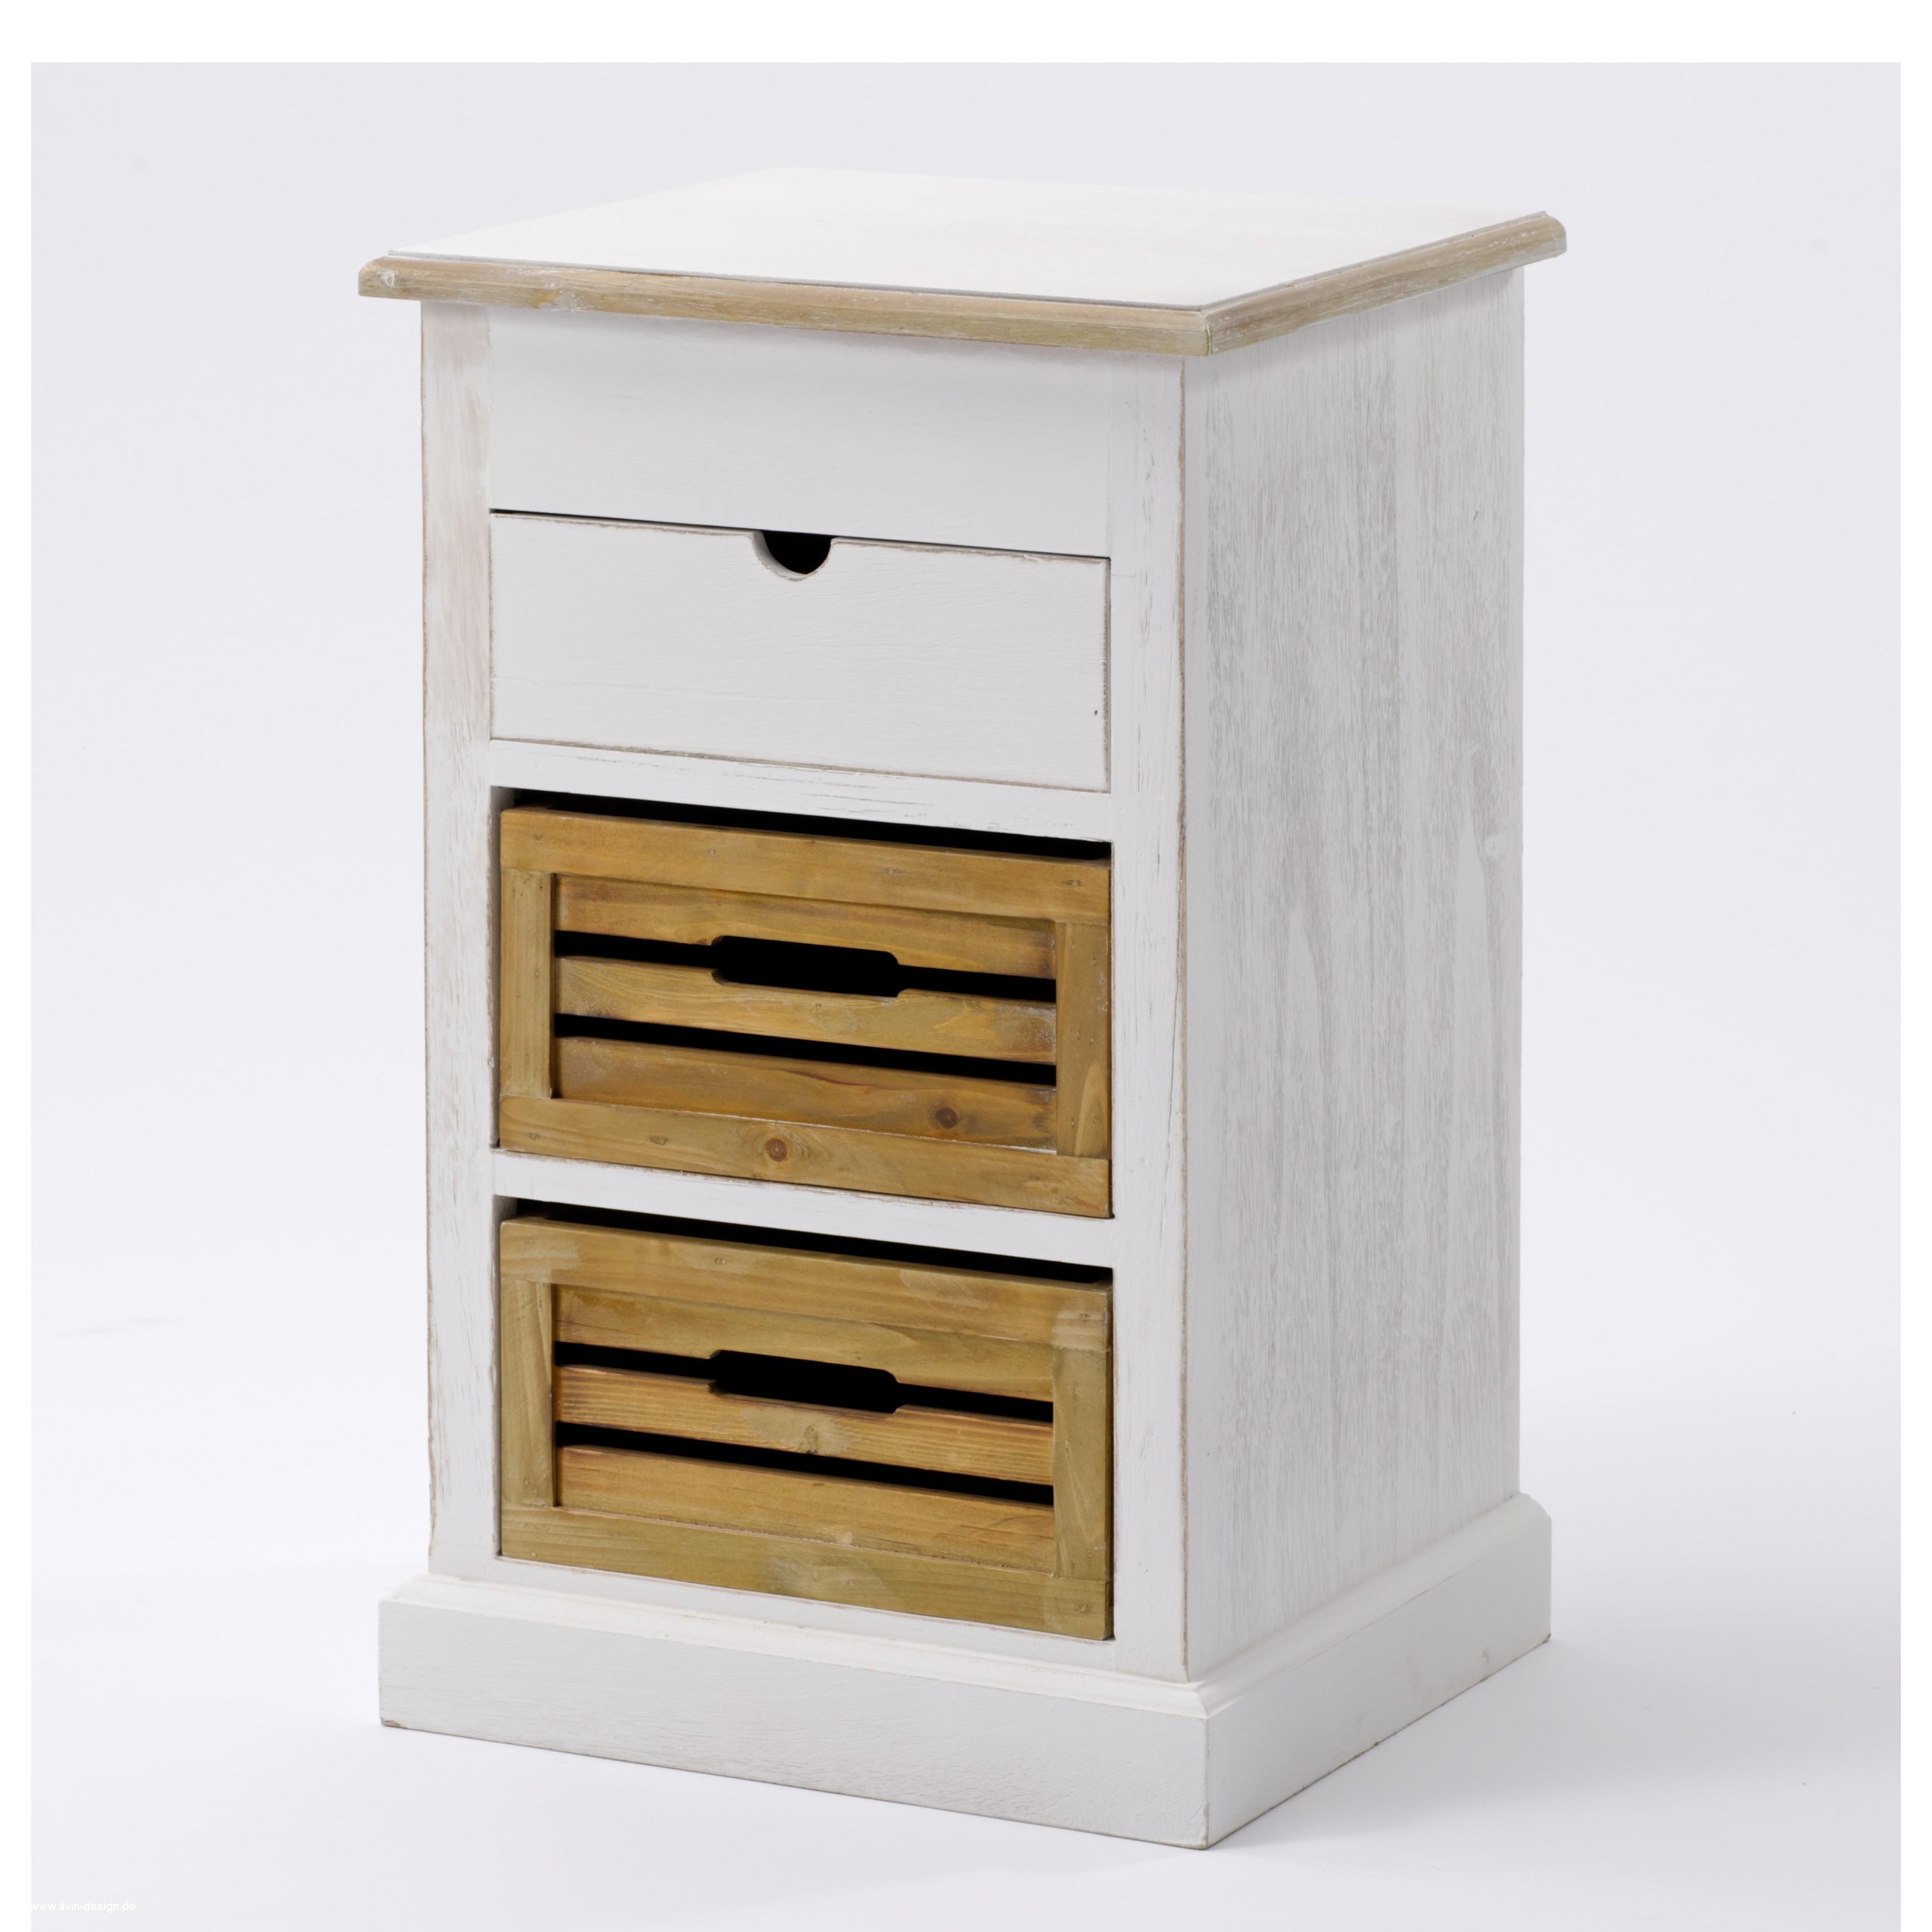 landhaus schubladenschrank kommode wei 40x35 5x66 cm ebay. Black Bedroom Furniture Sets. Home Design Ideas